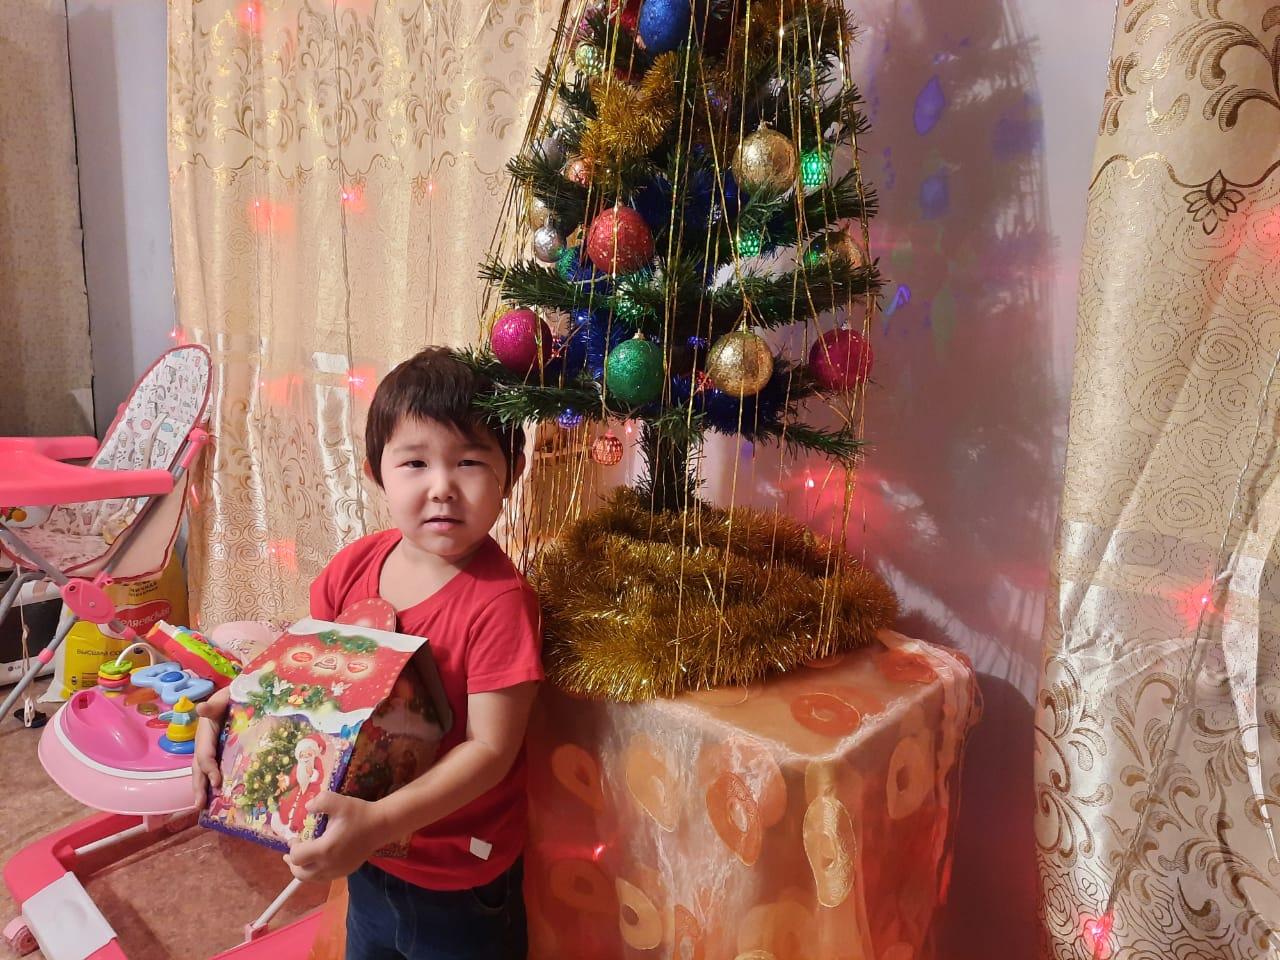 Якутские волонтеры в образе Дедов Морозов и Снегурочек поздравляют детей с Новым годом